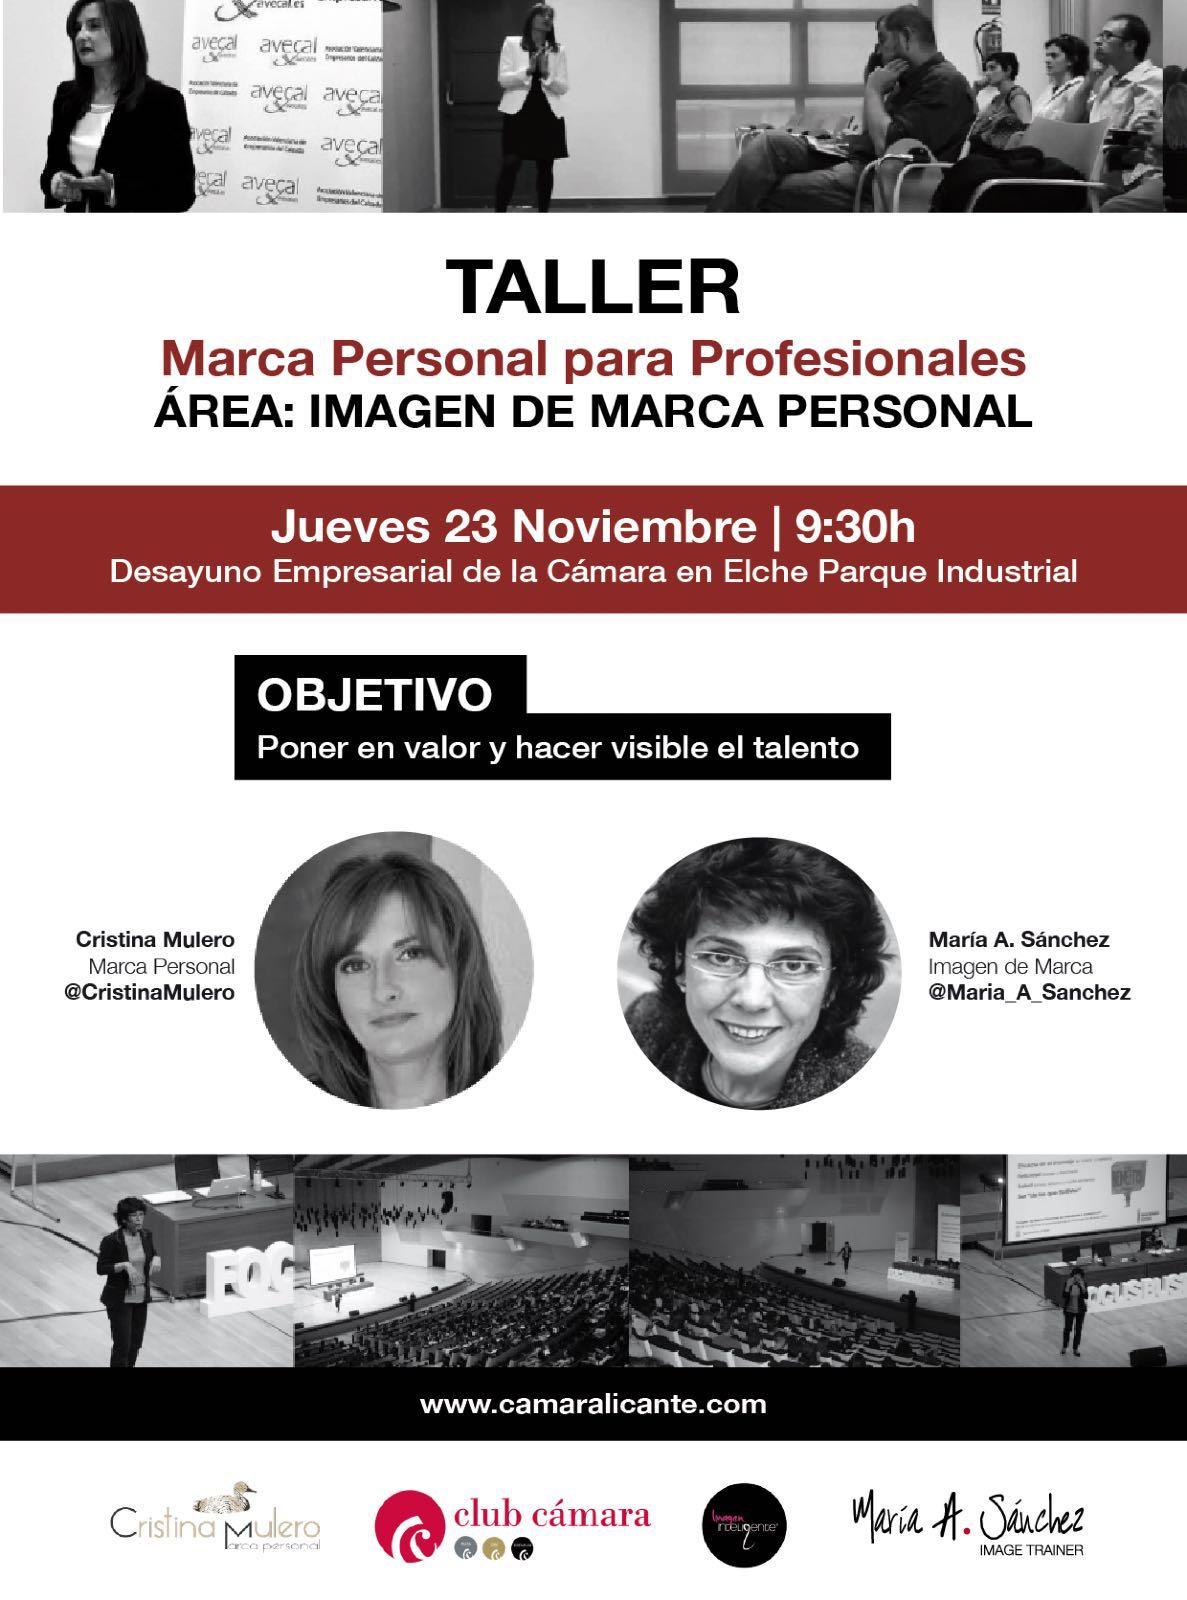 Maria A Sanchez Marca Personal